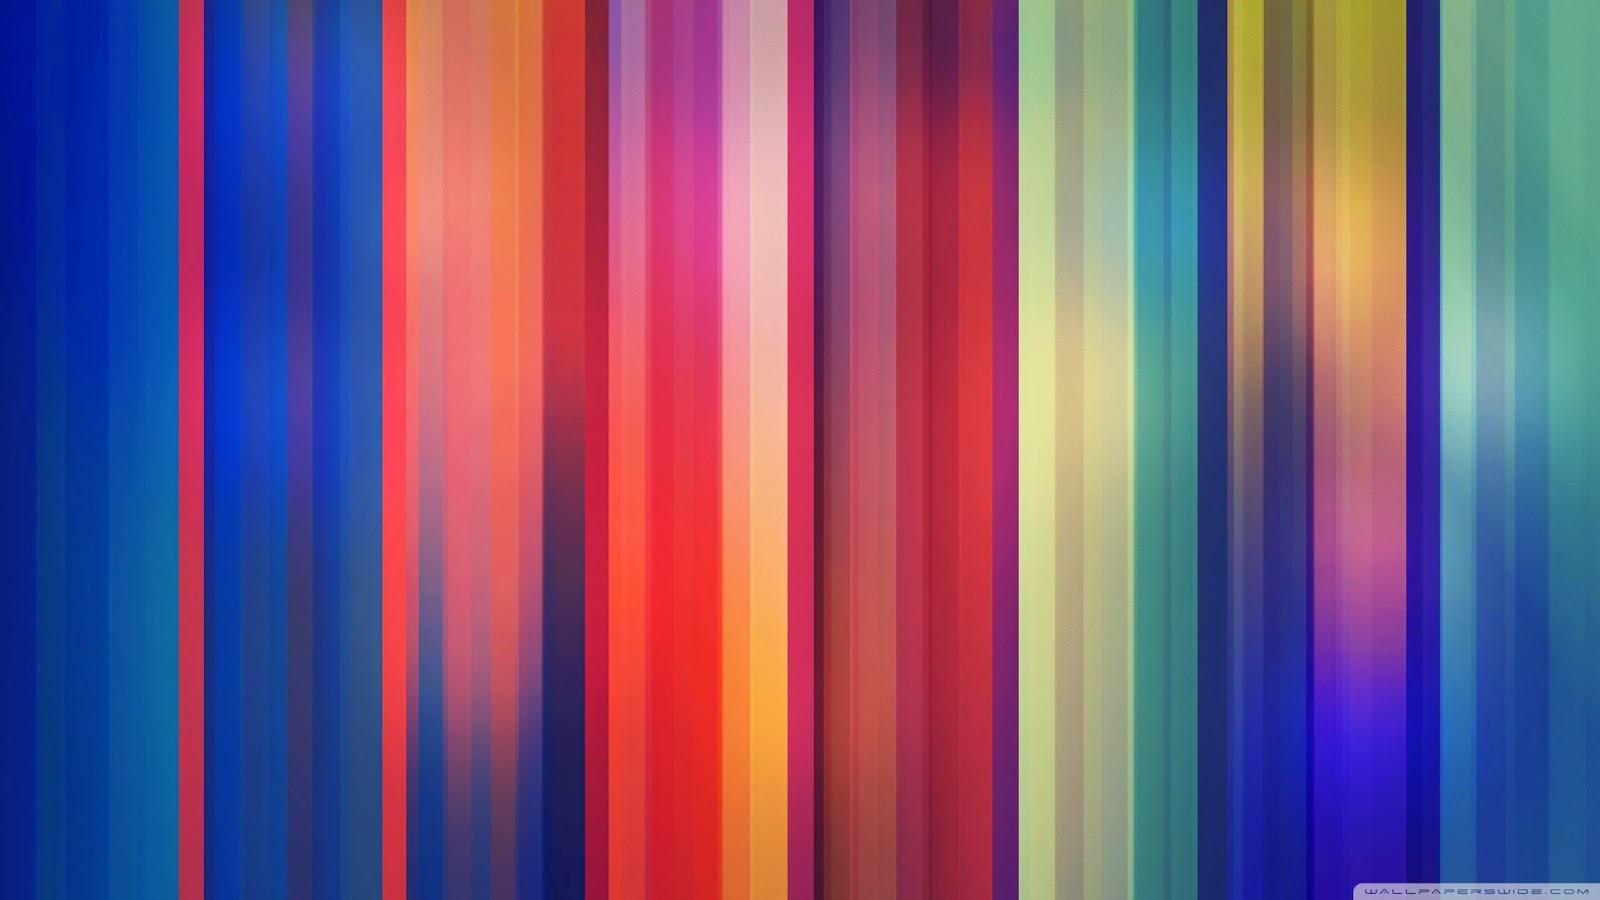 d_e_s_t_i_n_a_t_i_o_n-wallpaper-2560x1440